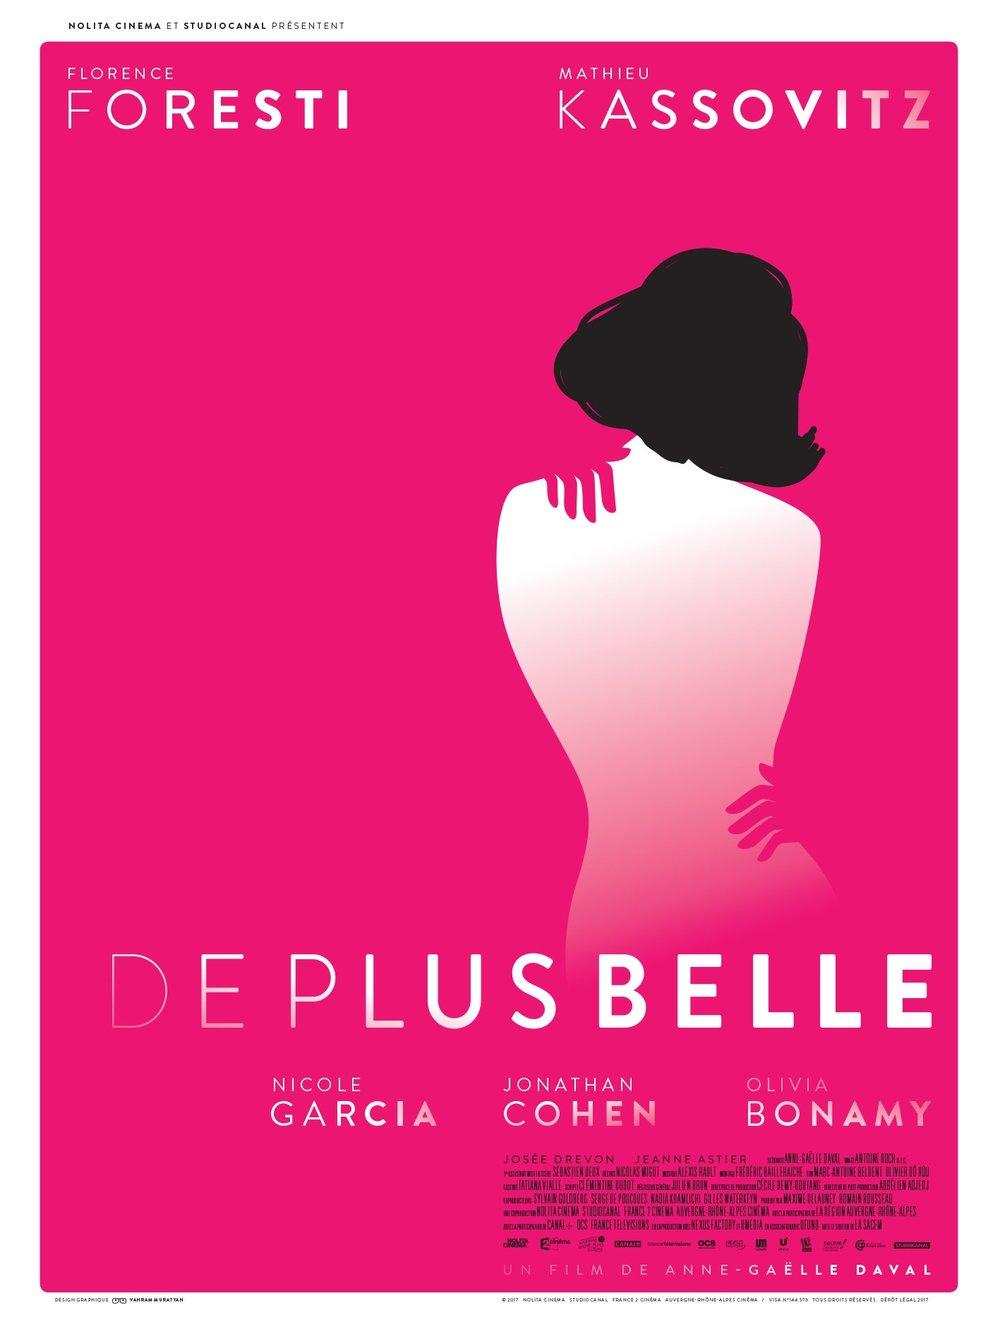 De Plus Belle (Ladies). Movie poster design.